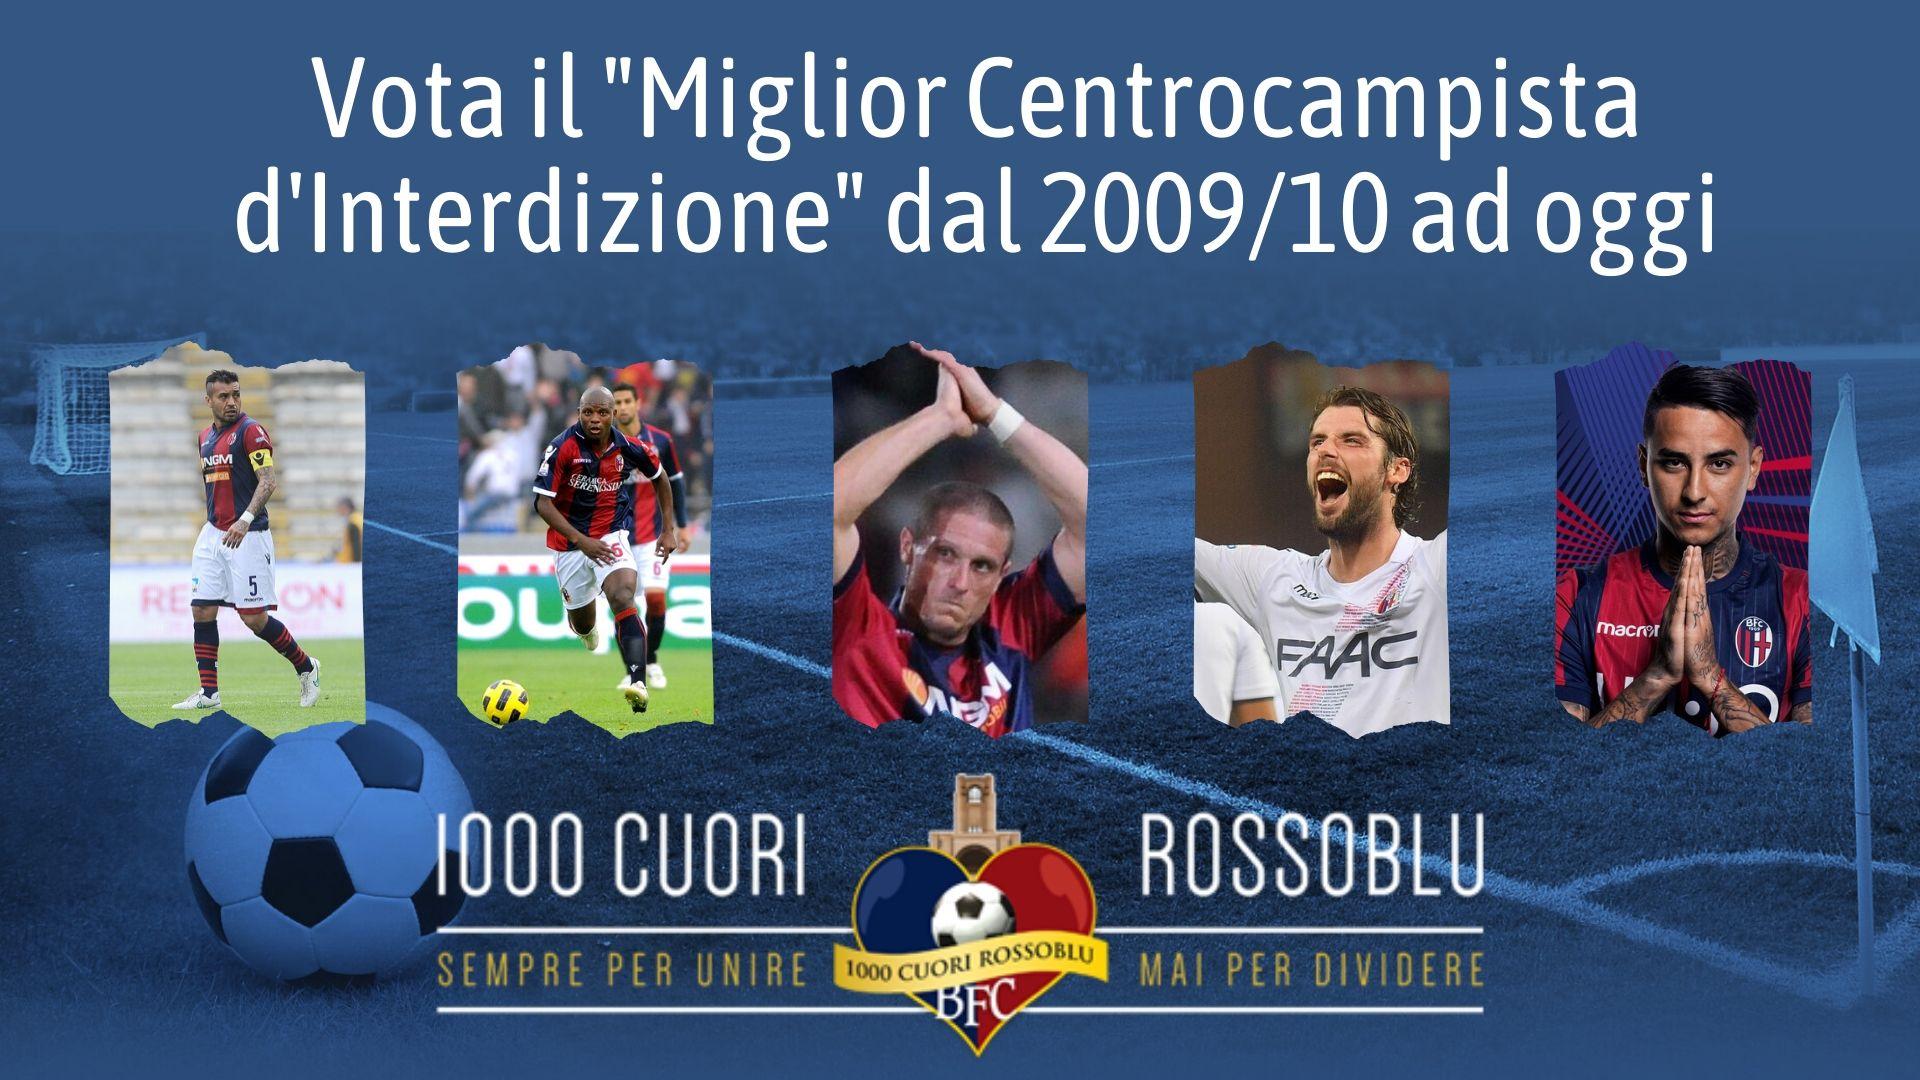 Sondaggio Rossoblù - Vota il miglior centrocampista d'interdizione del Bologna degli ultimi dieci anni